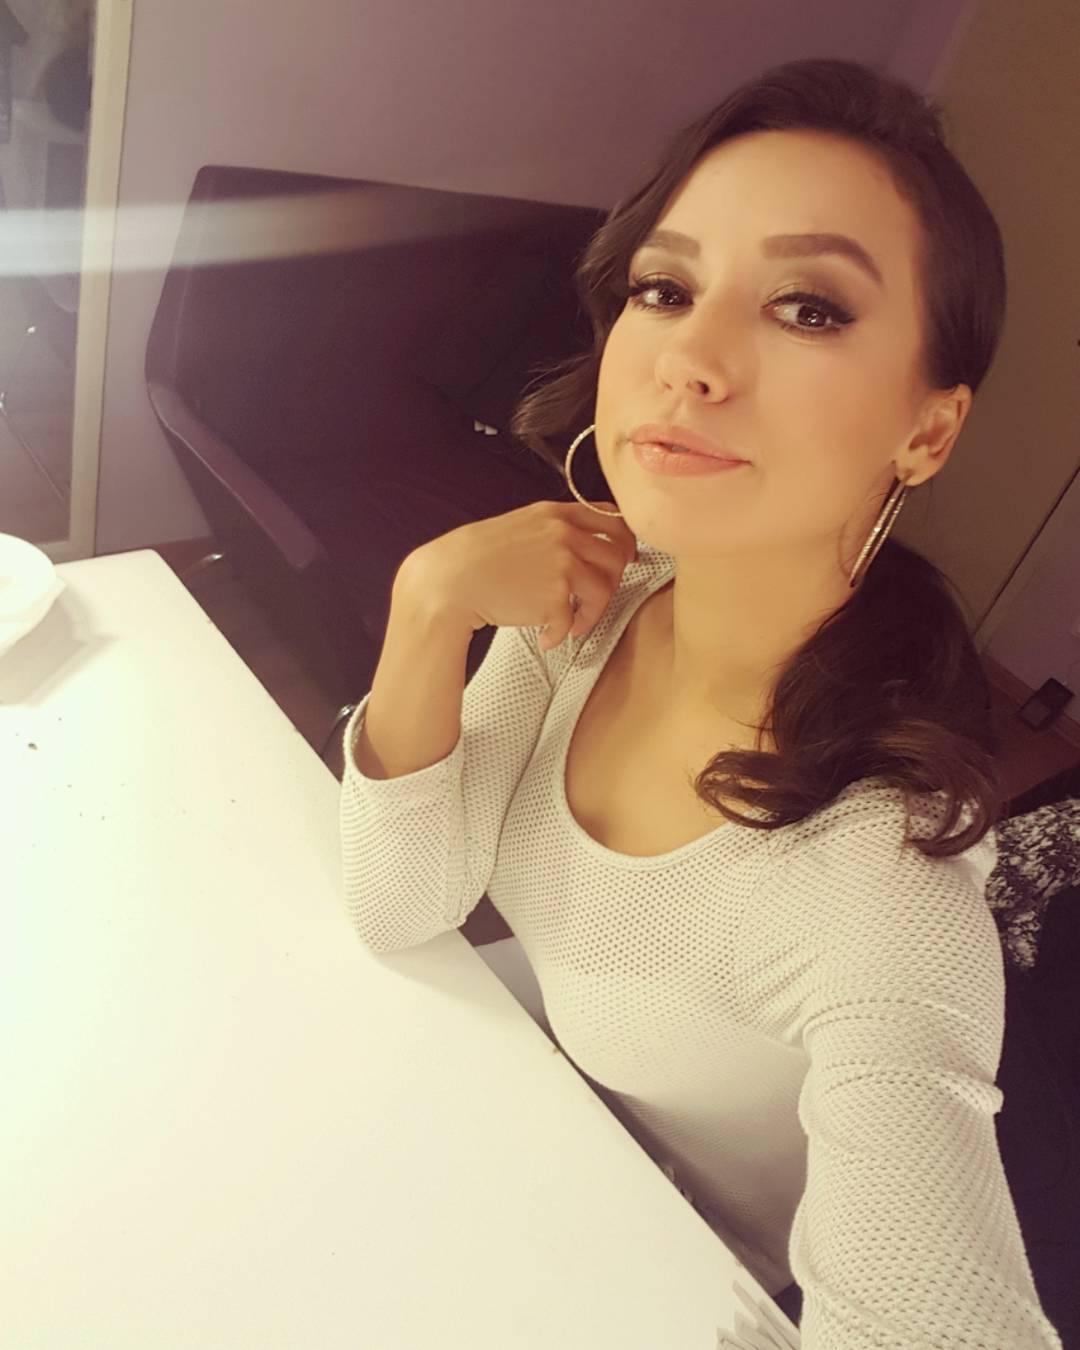 Güzel ve başarılı türk şarkıcı Tuğba Yurt sosyal medya hesabından cesur ve sexy paylaşımlarına devam ediyor. Foto galeriyi görüntülemek için tıklayın.